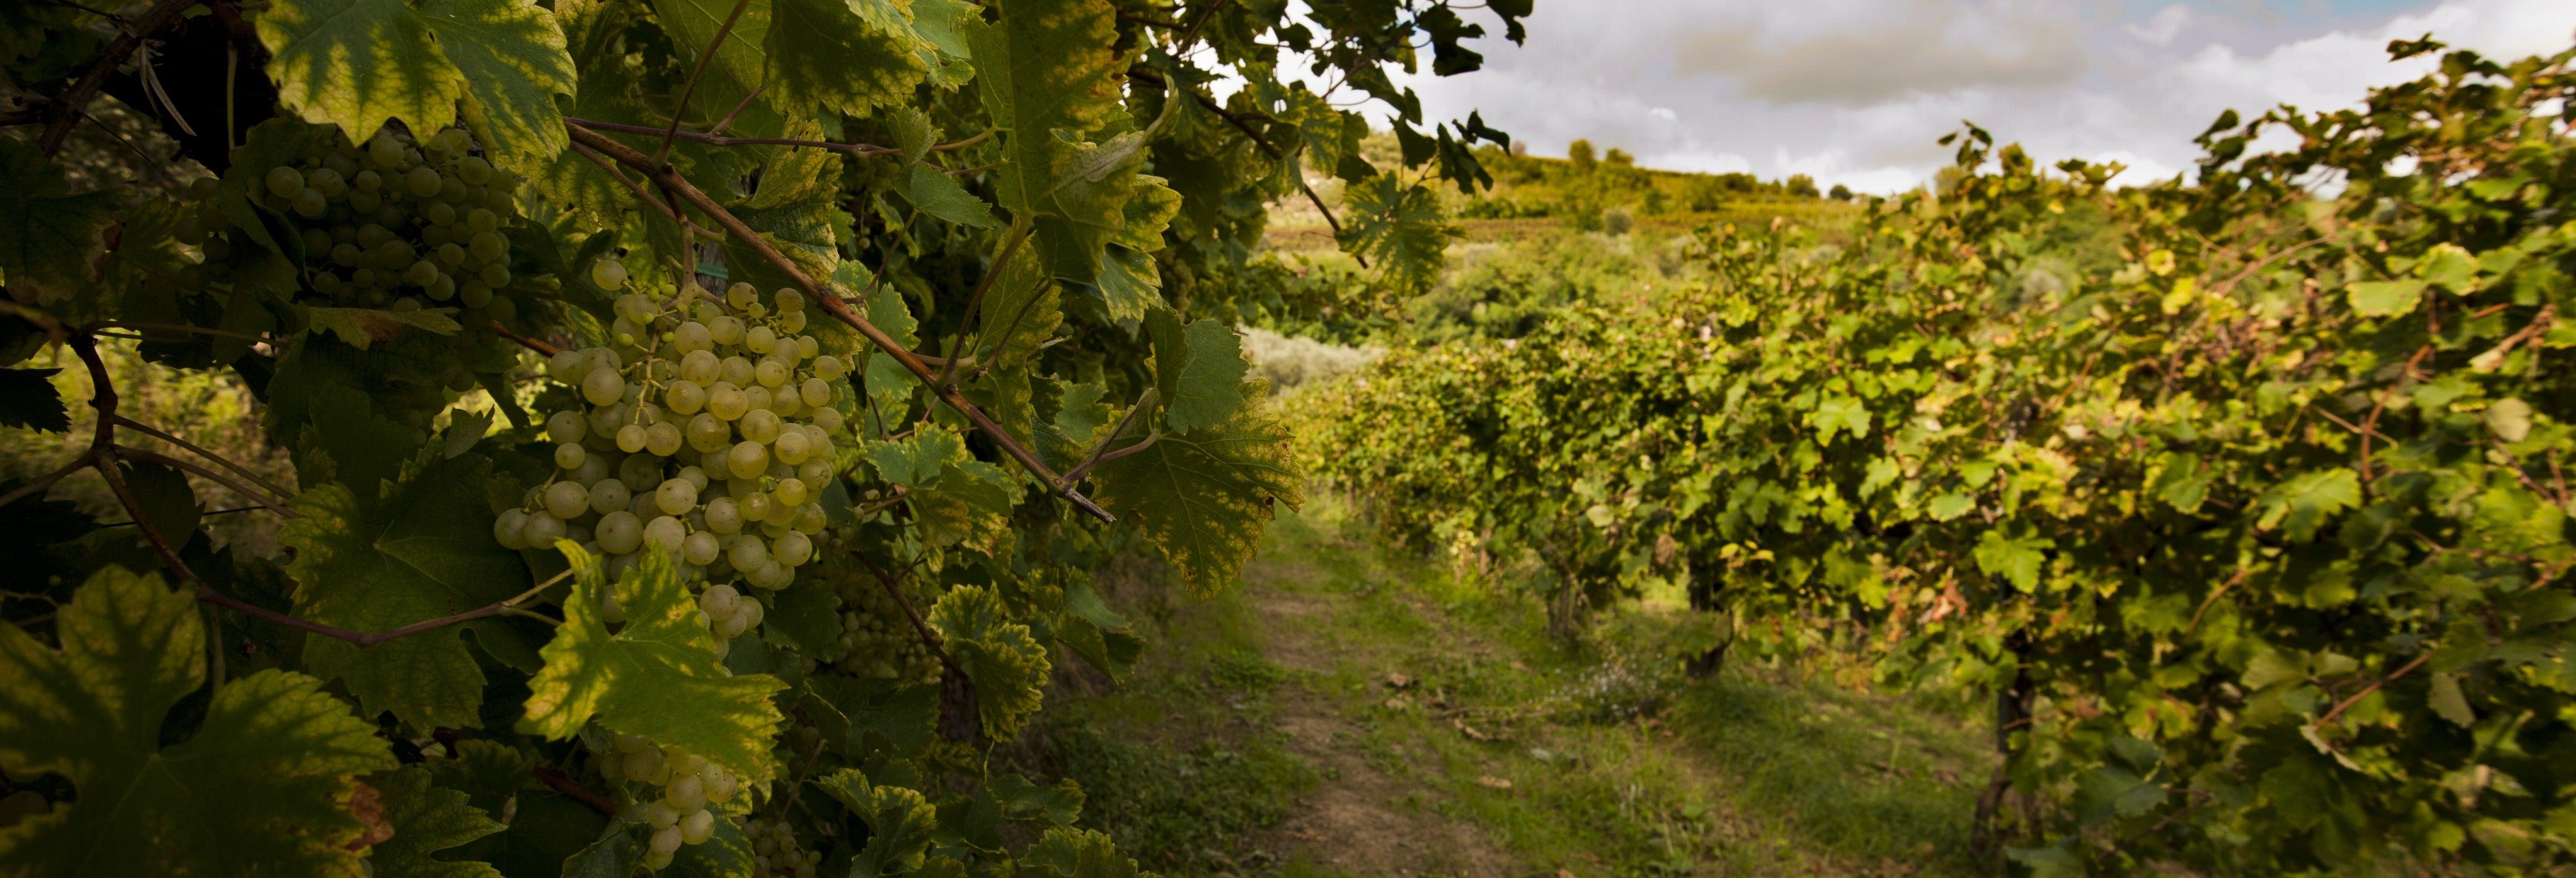 Visite autour des vignobles de Prosecco